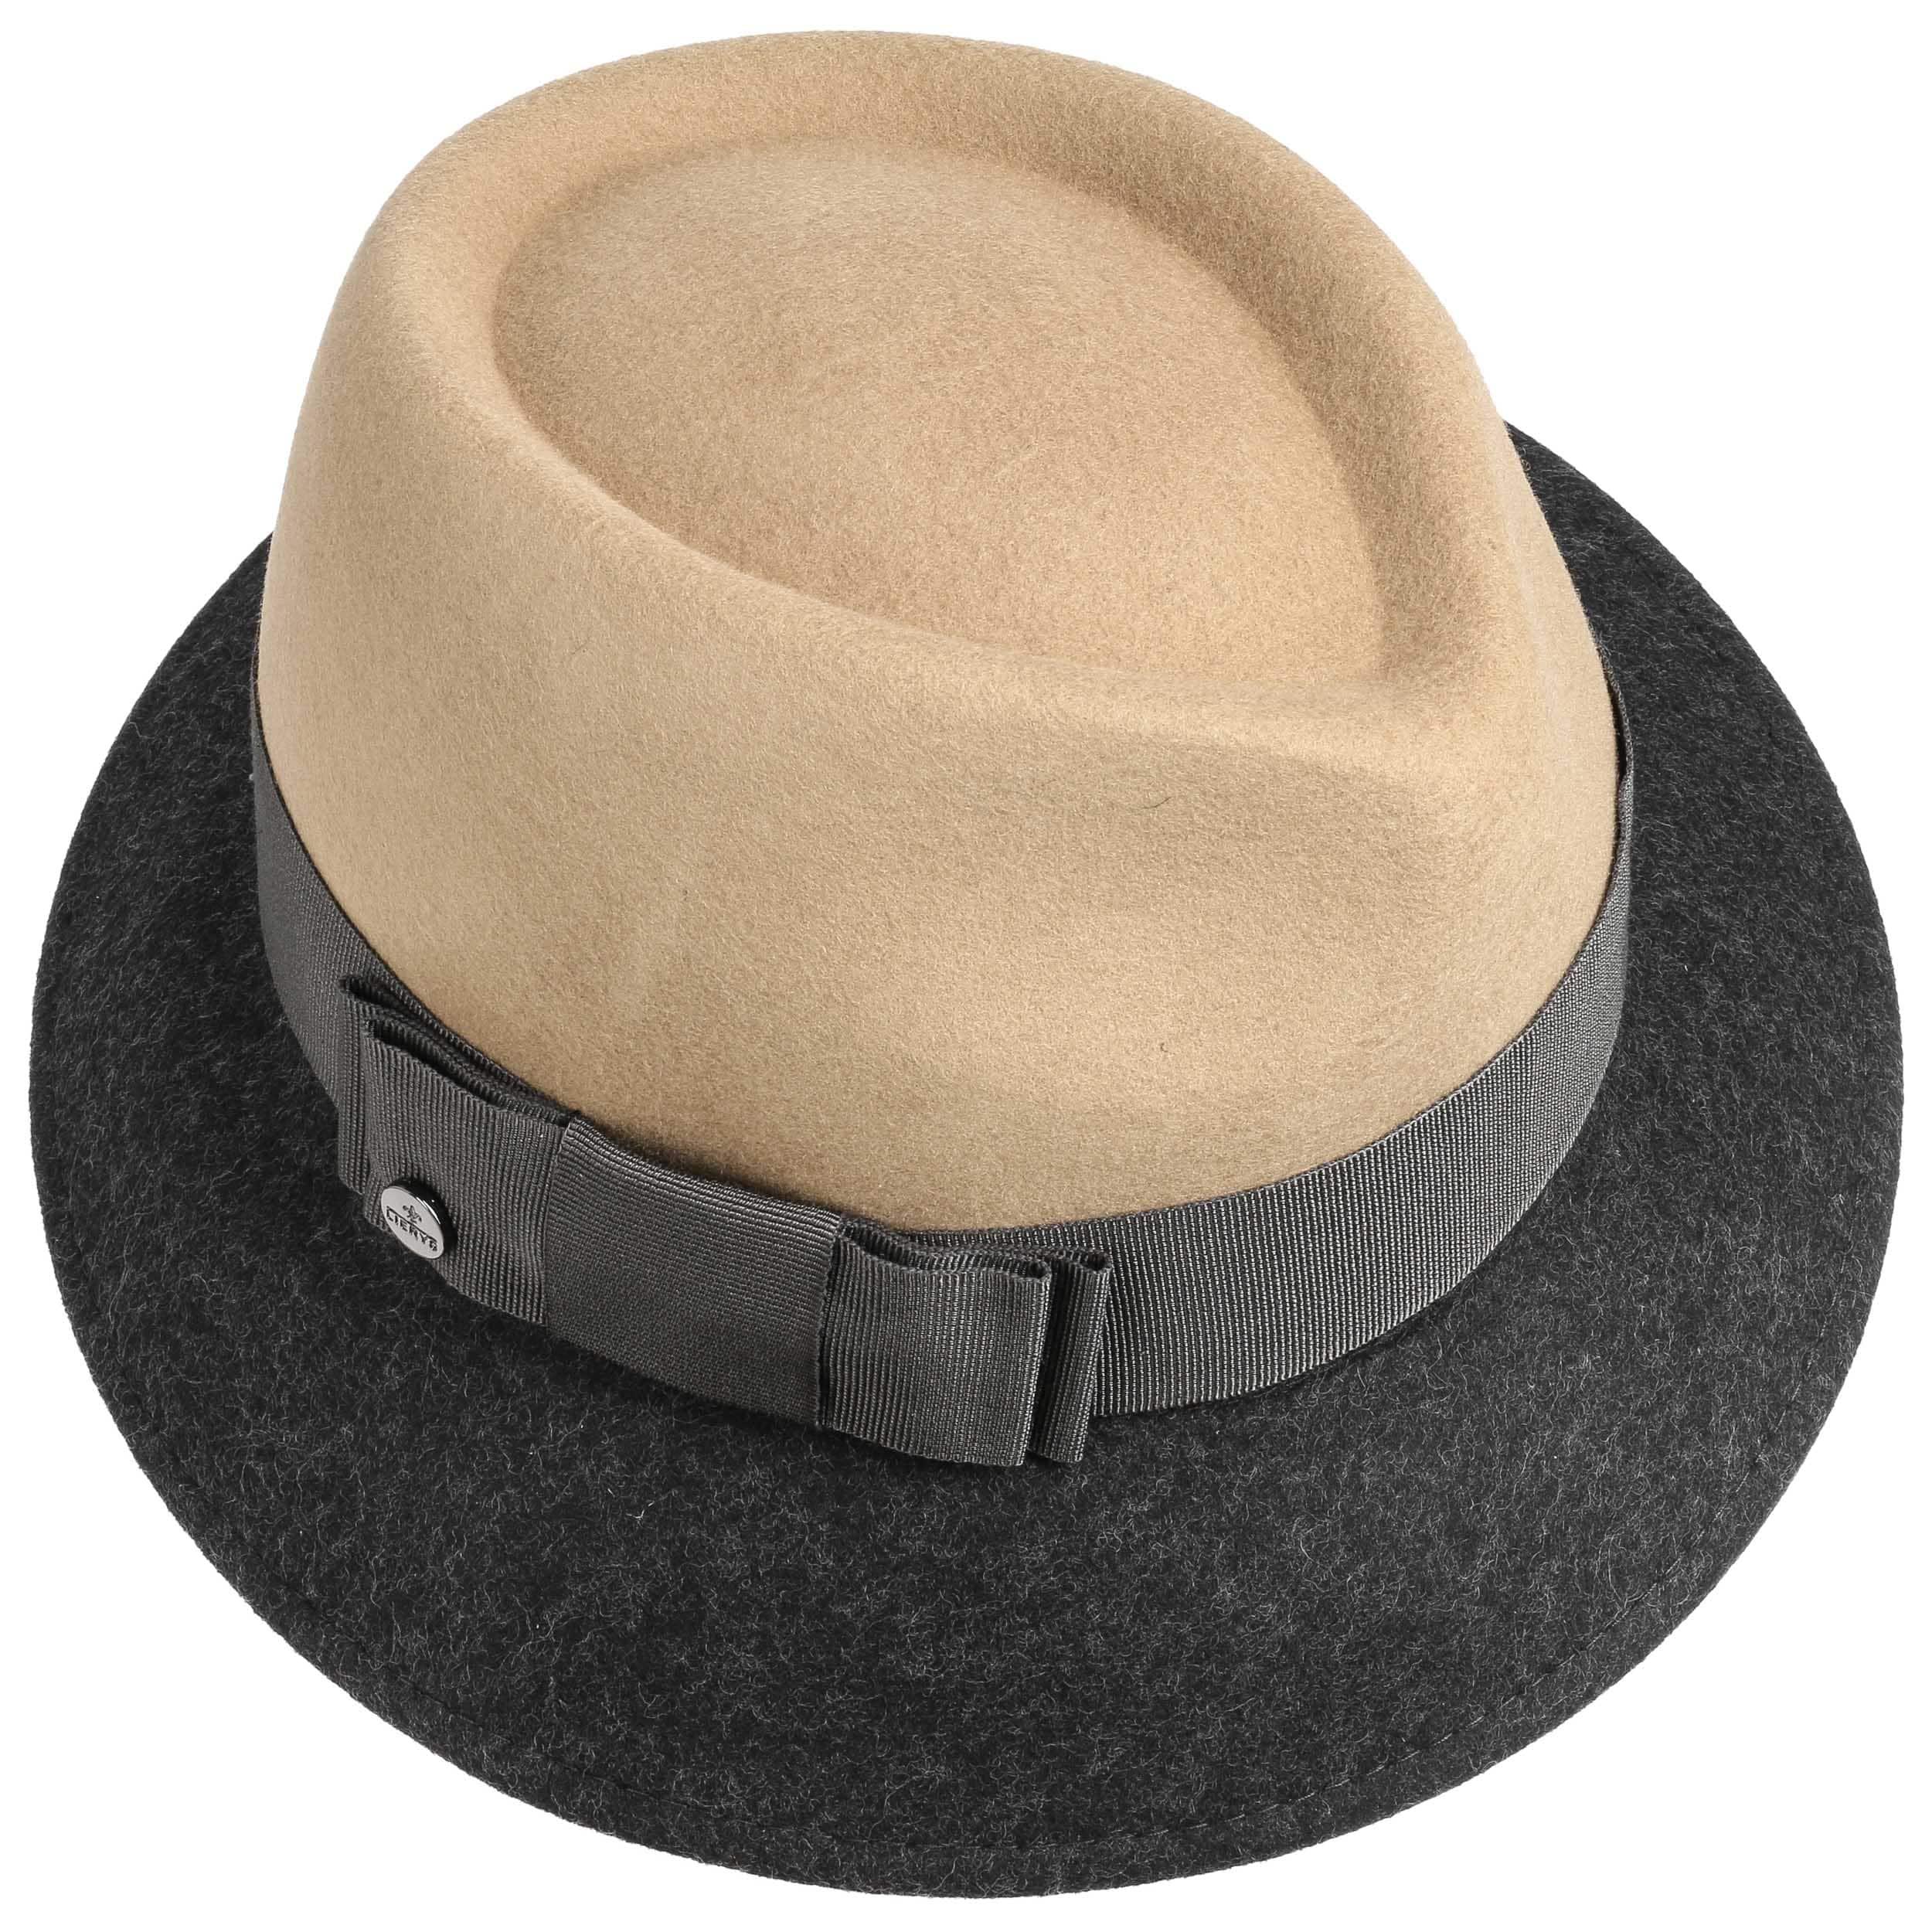 Asym Twotone Wool Felt Hat by Lierys Trilby hats Lierys Sale Order FDFIt